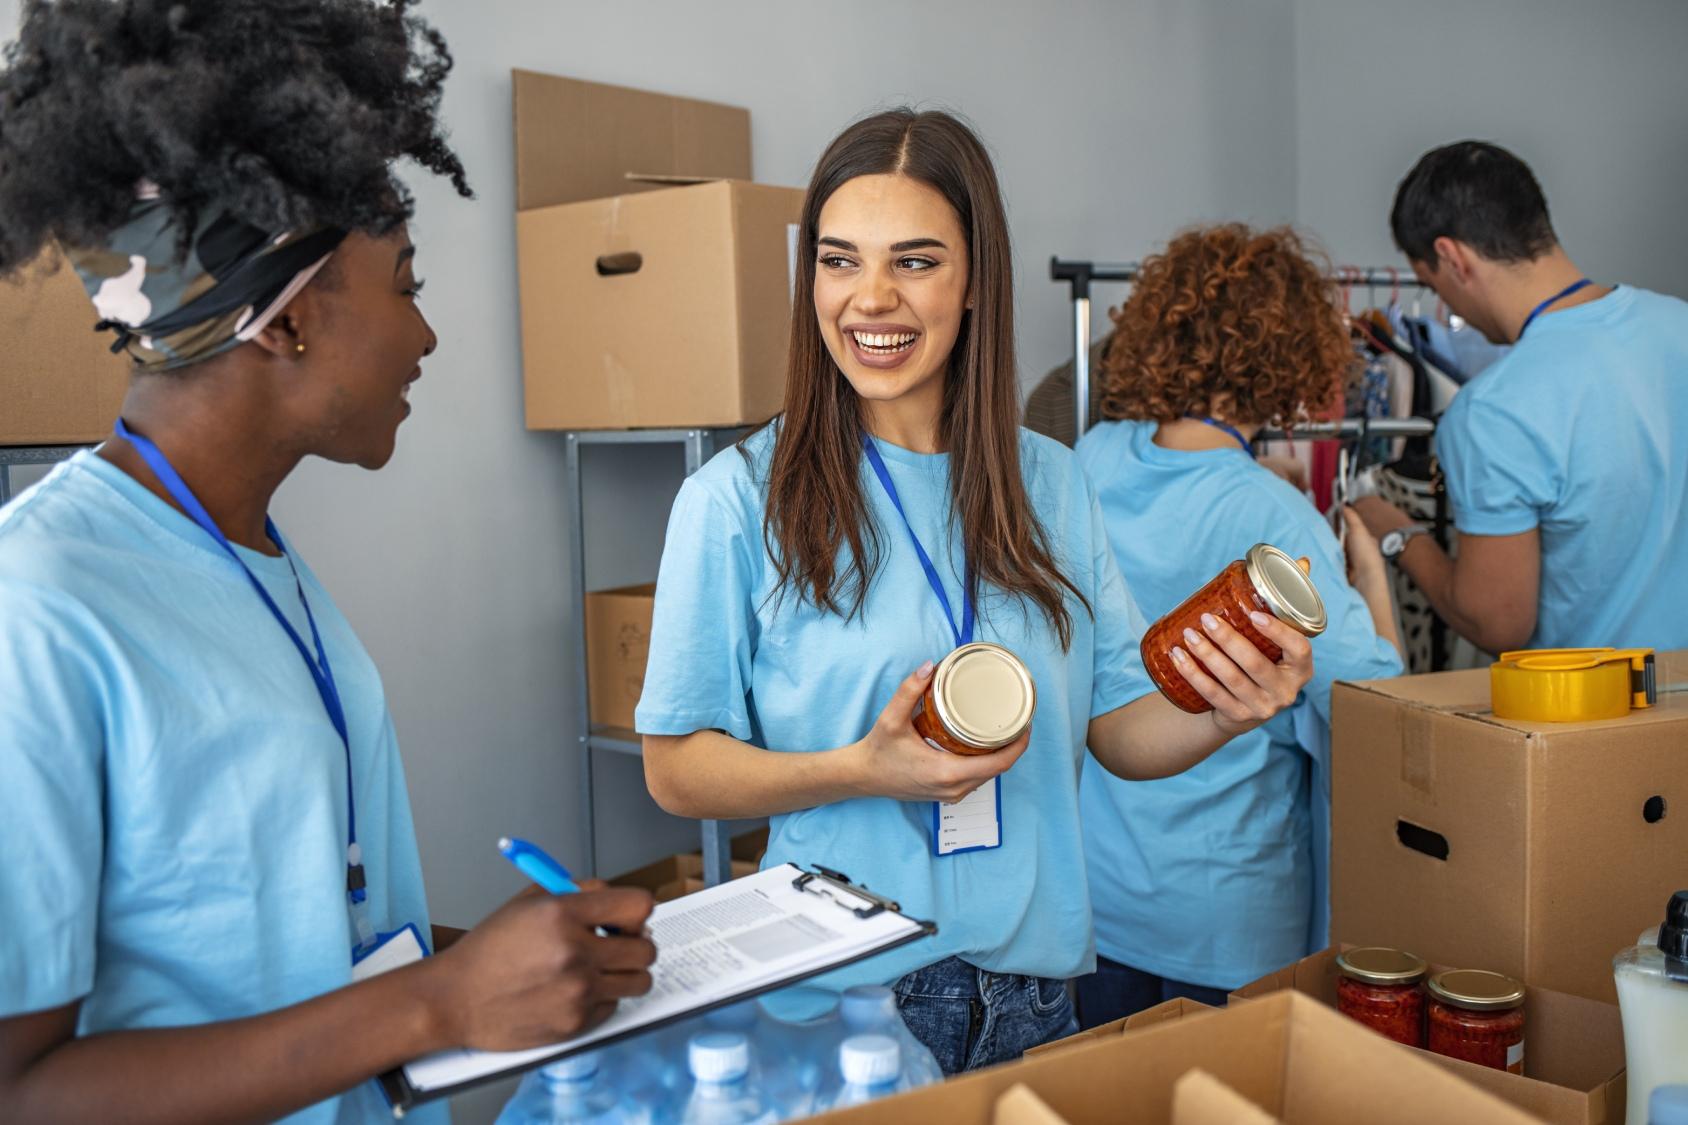 Trabalho voluntário é um diferencial no currículo?